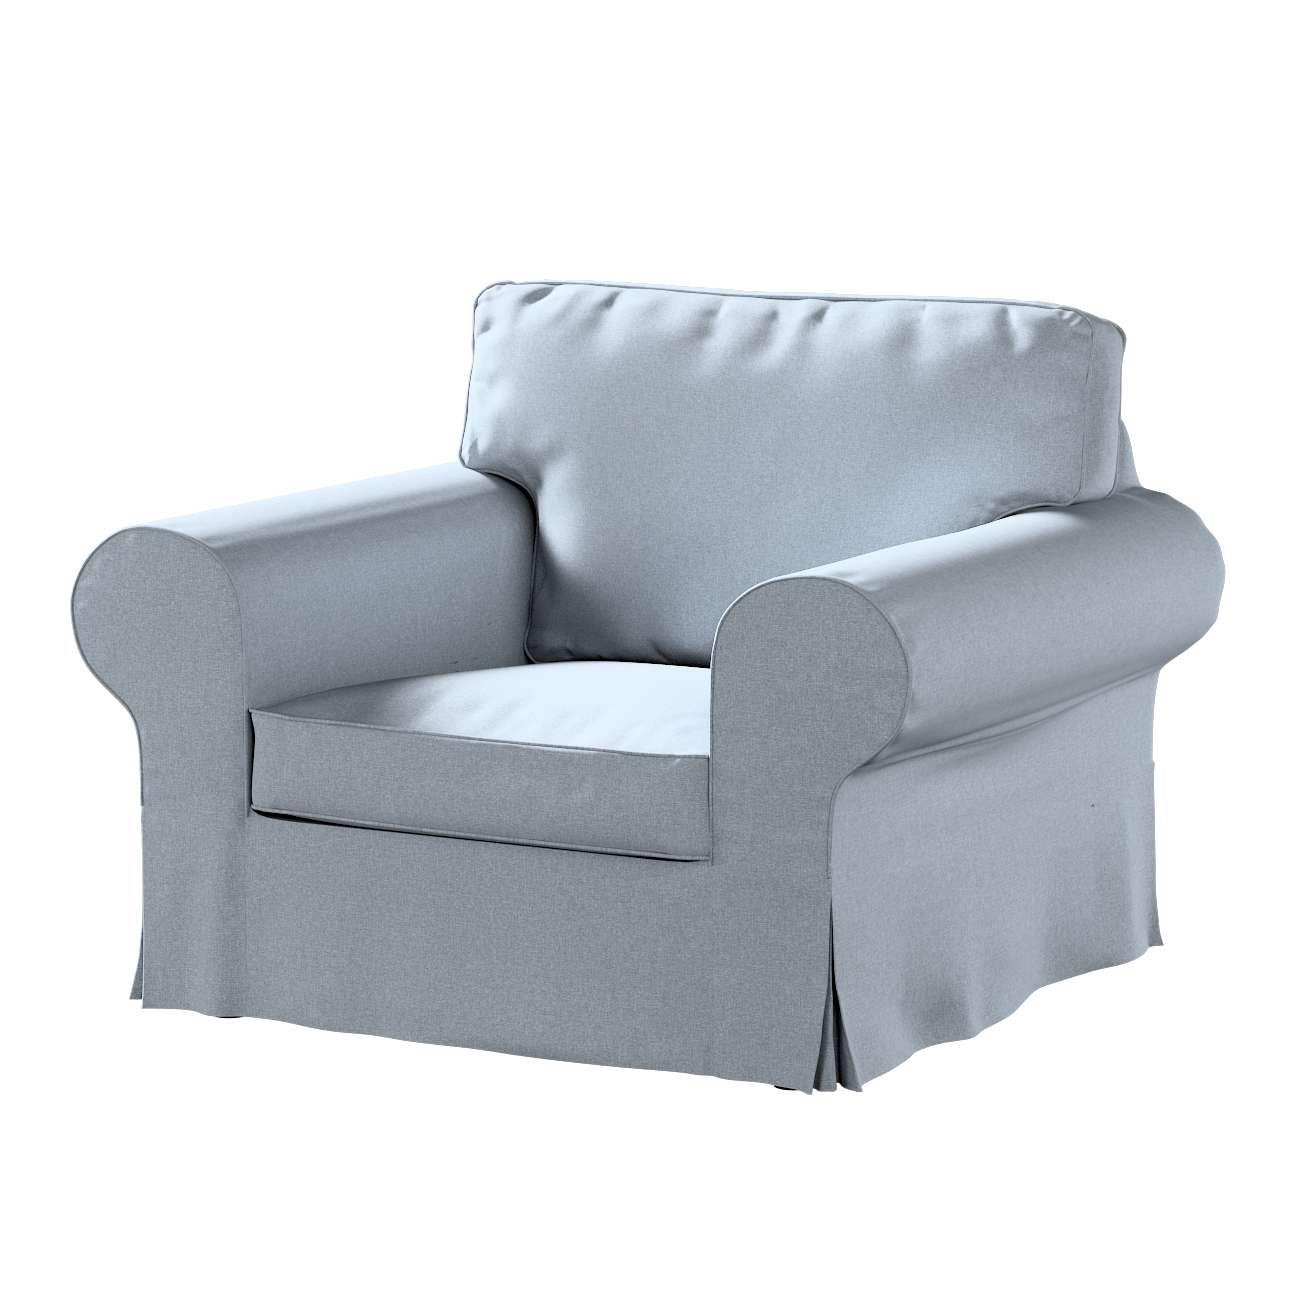 Bezug für Ektorp Sessel von der Kollektion Amsterdam, Stoff: 704-46